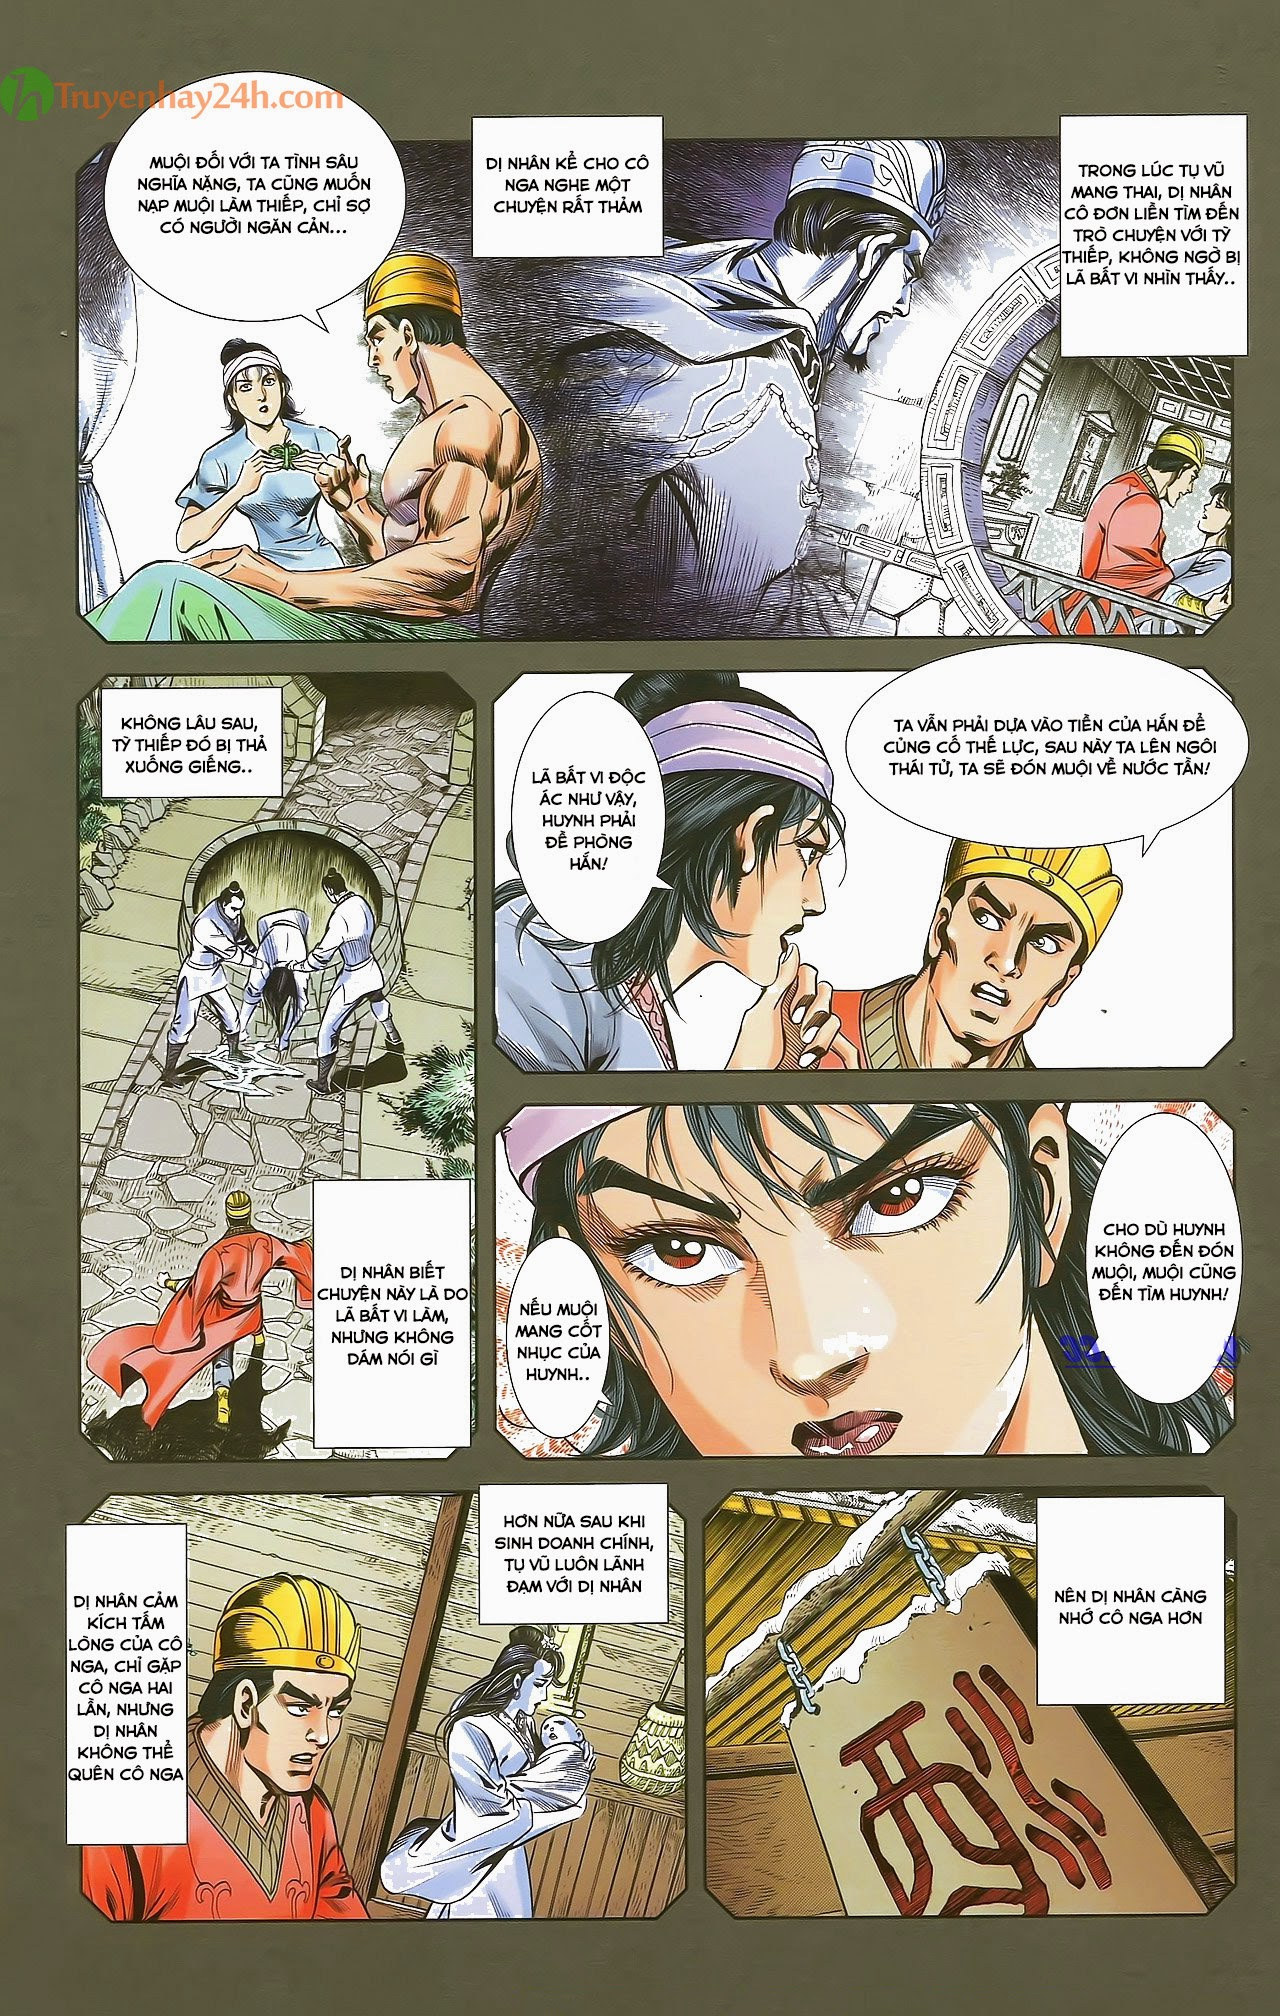 Tần Vương Doanh Chính chapter 29.2 trang 3